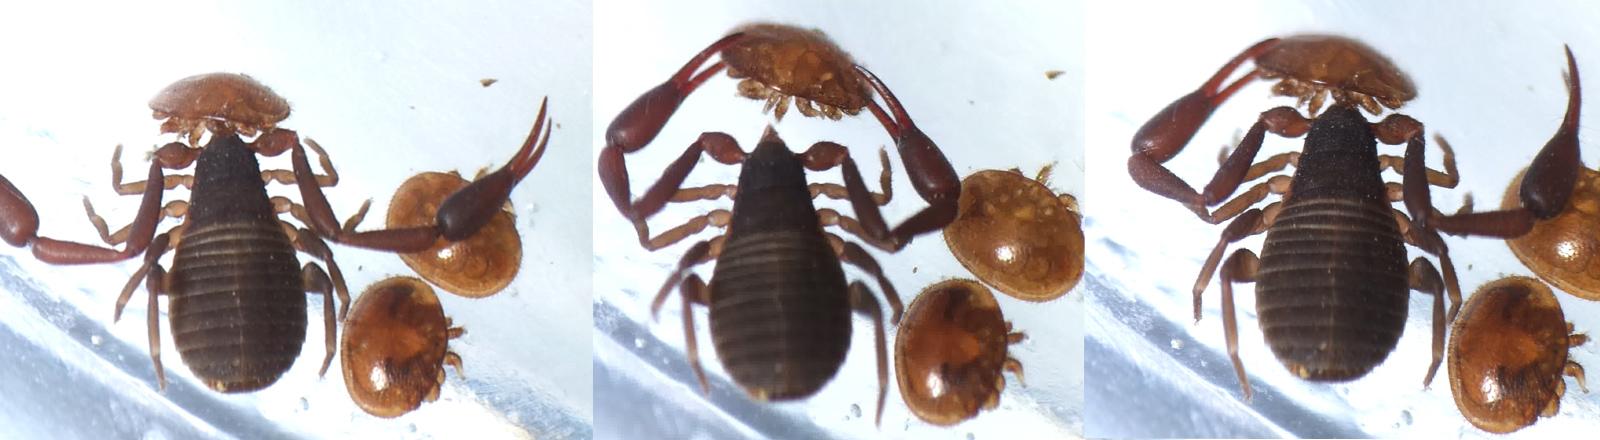 Ein Büchereiskorpion schnappt sich Varroamilben. Knabbert ihre Körperwand auf und saugt sie dann aus.